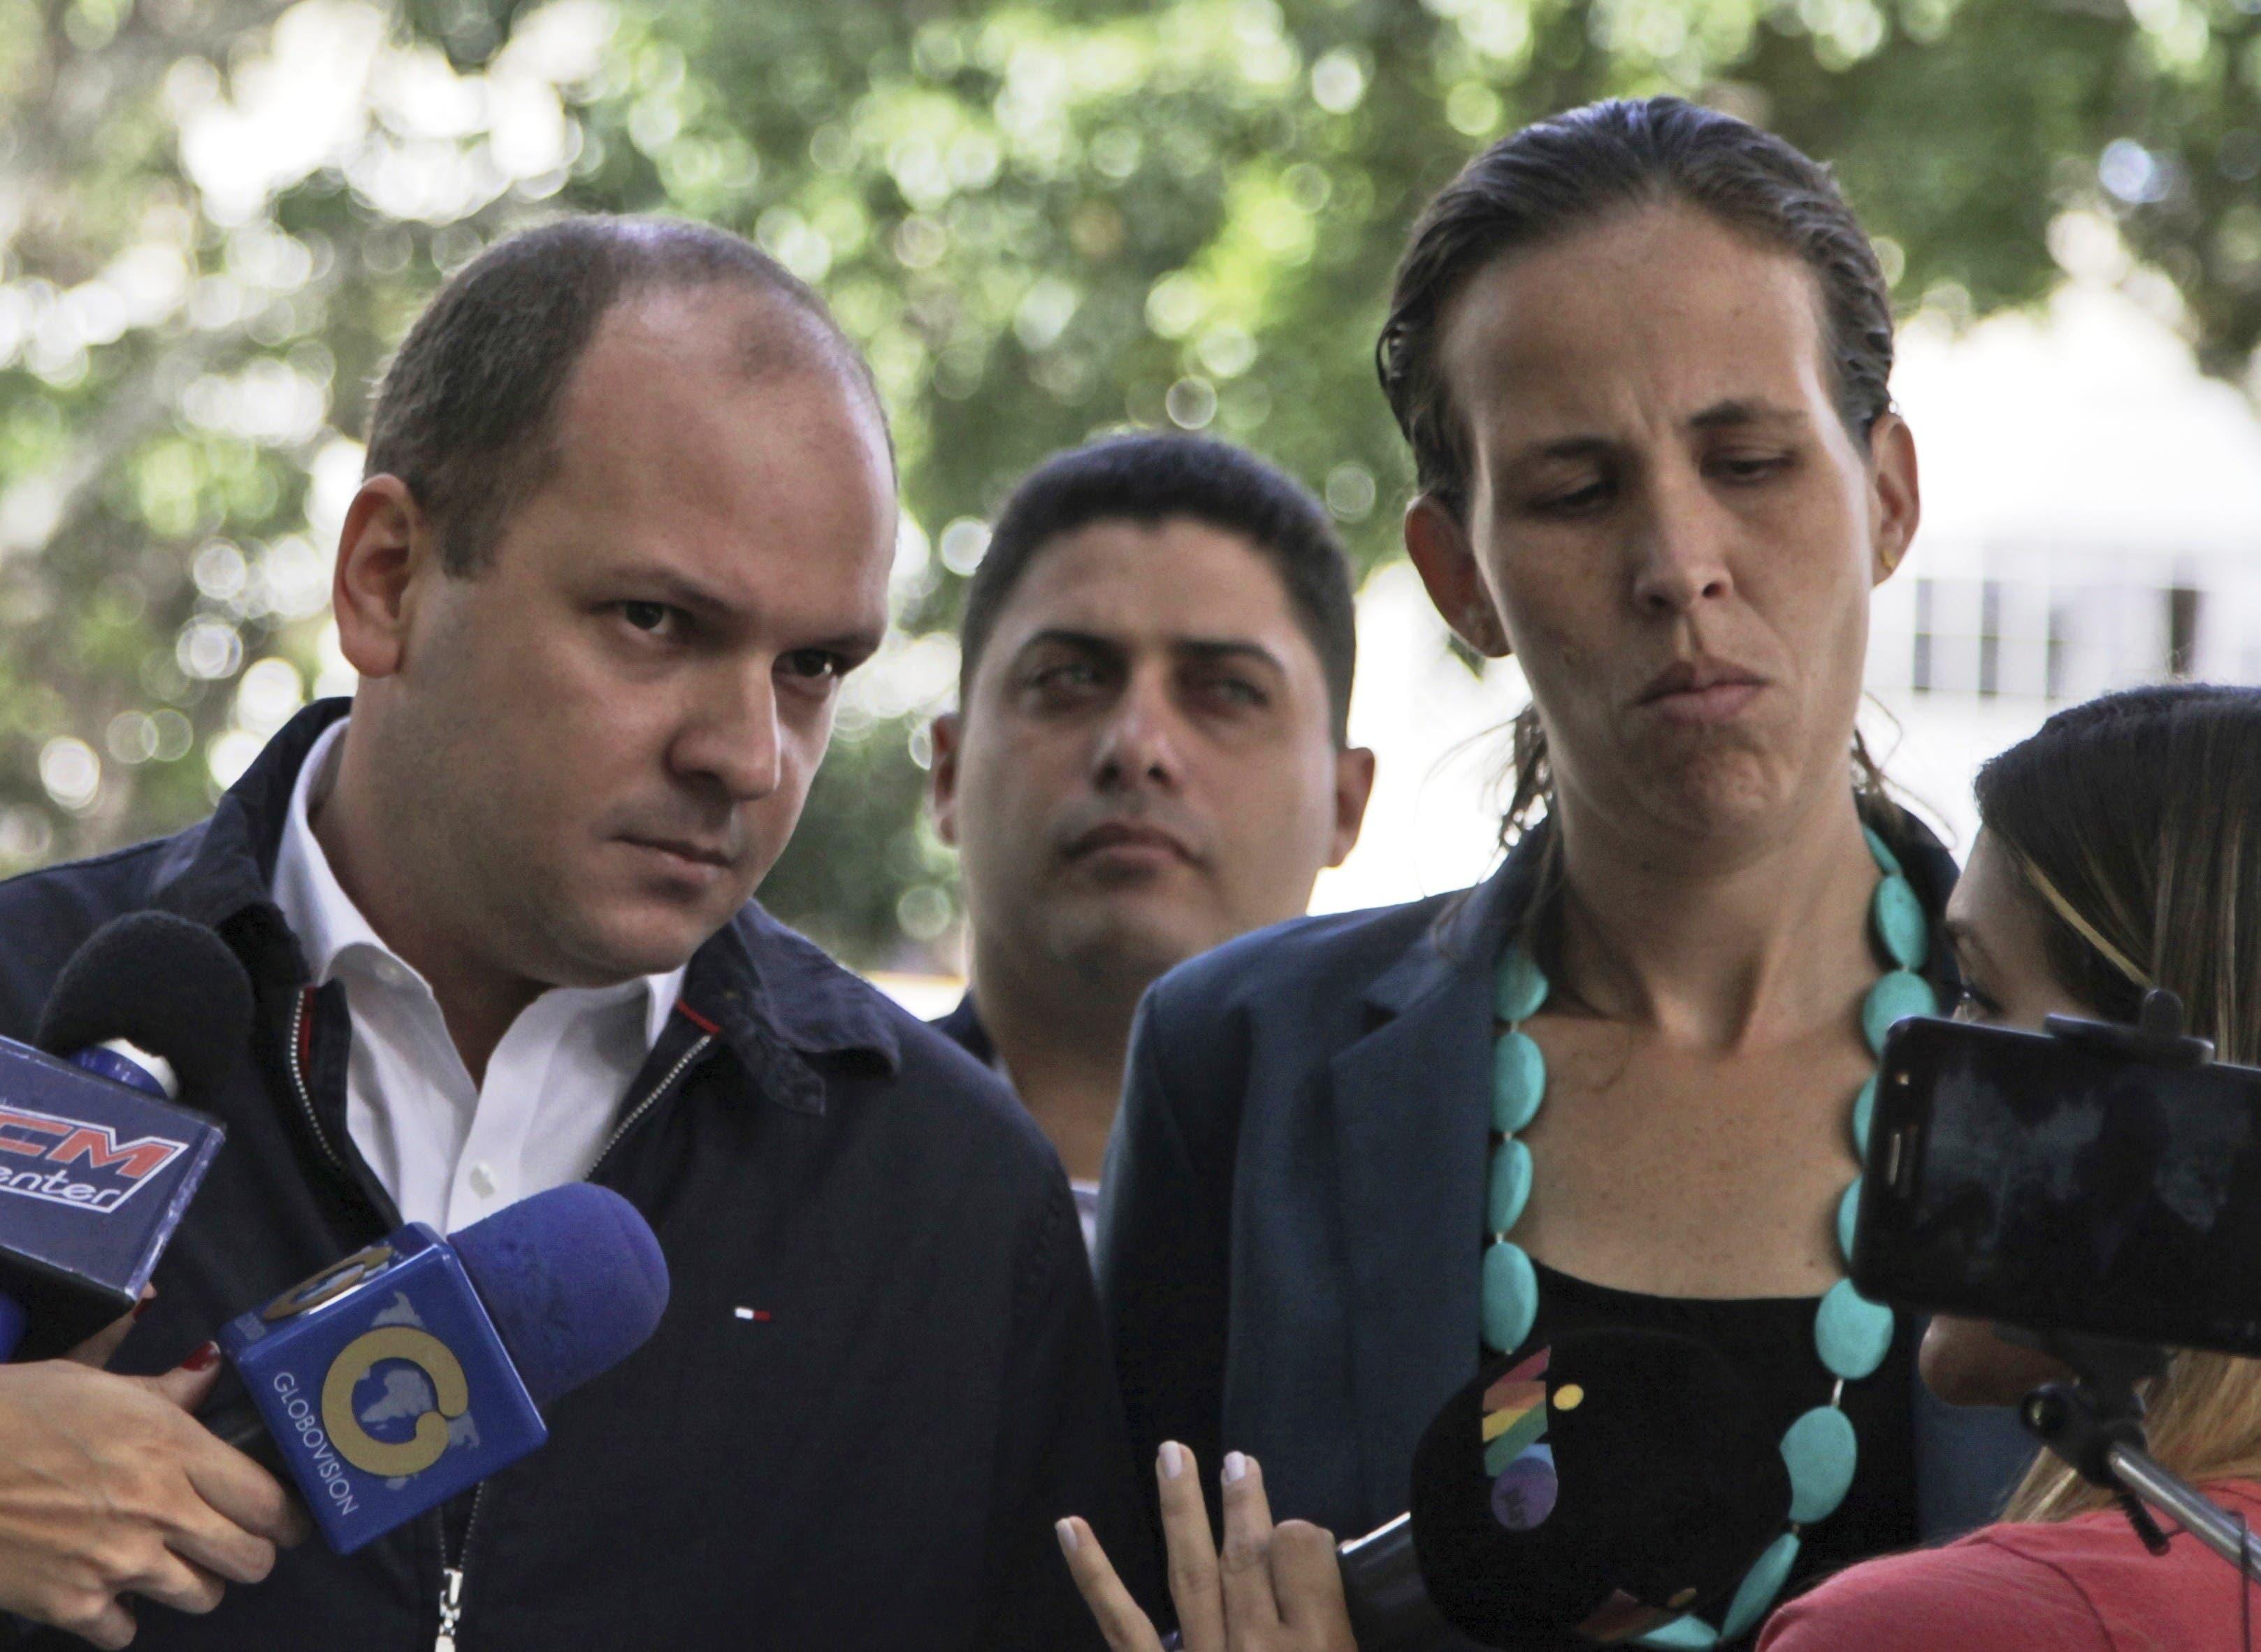 Los legisladores de la oposición Ángel Medina, a la izquierda, y Manuela Bolívar hablan con los medios de comunicación a su llegada a la Fiscalía General de Venezuela para presentar un pedido de investigación sobre las recientes elecciones de la Asamblea Constituyente en Caracas, el jueves 3 de agosto de 2017.